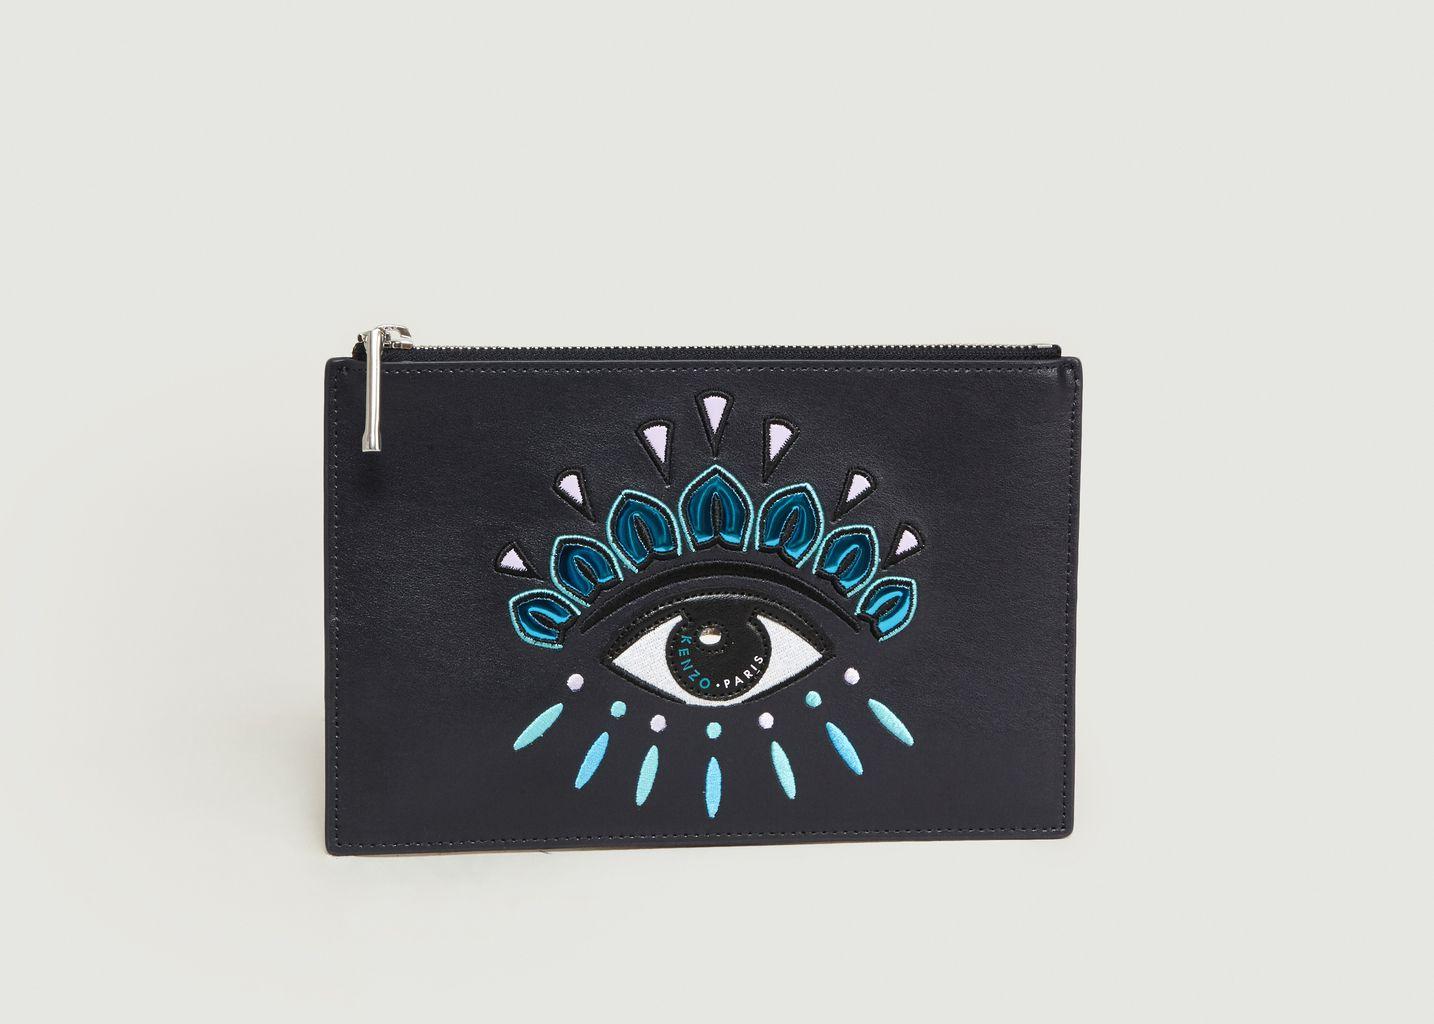 Pochette A5 Eye - Kenzo